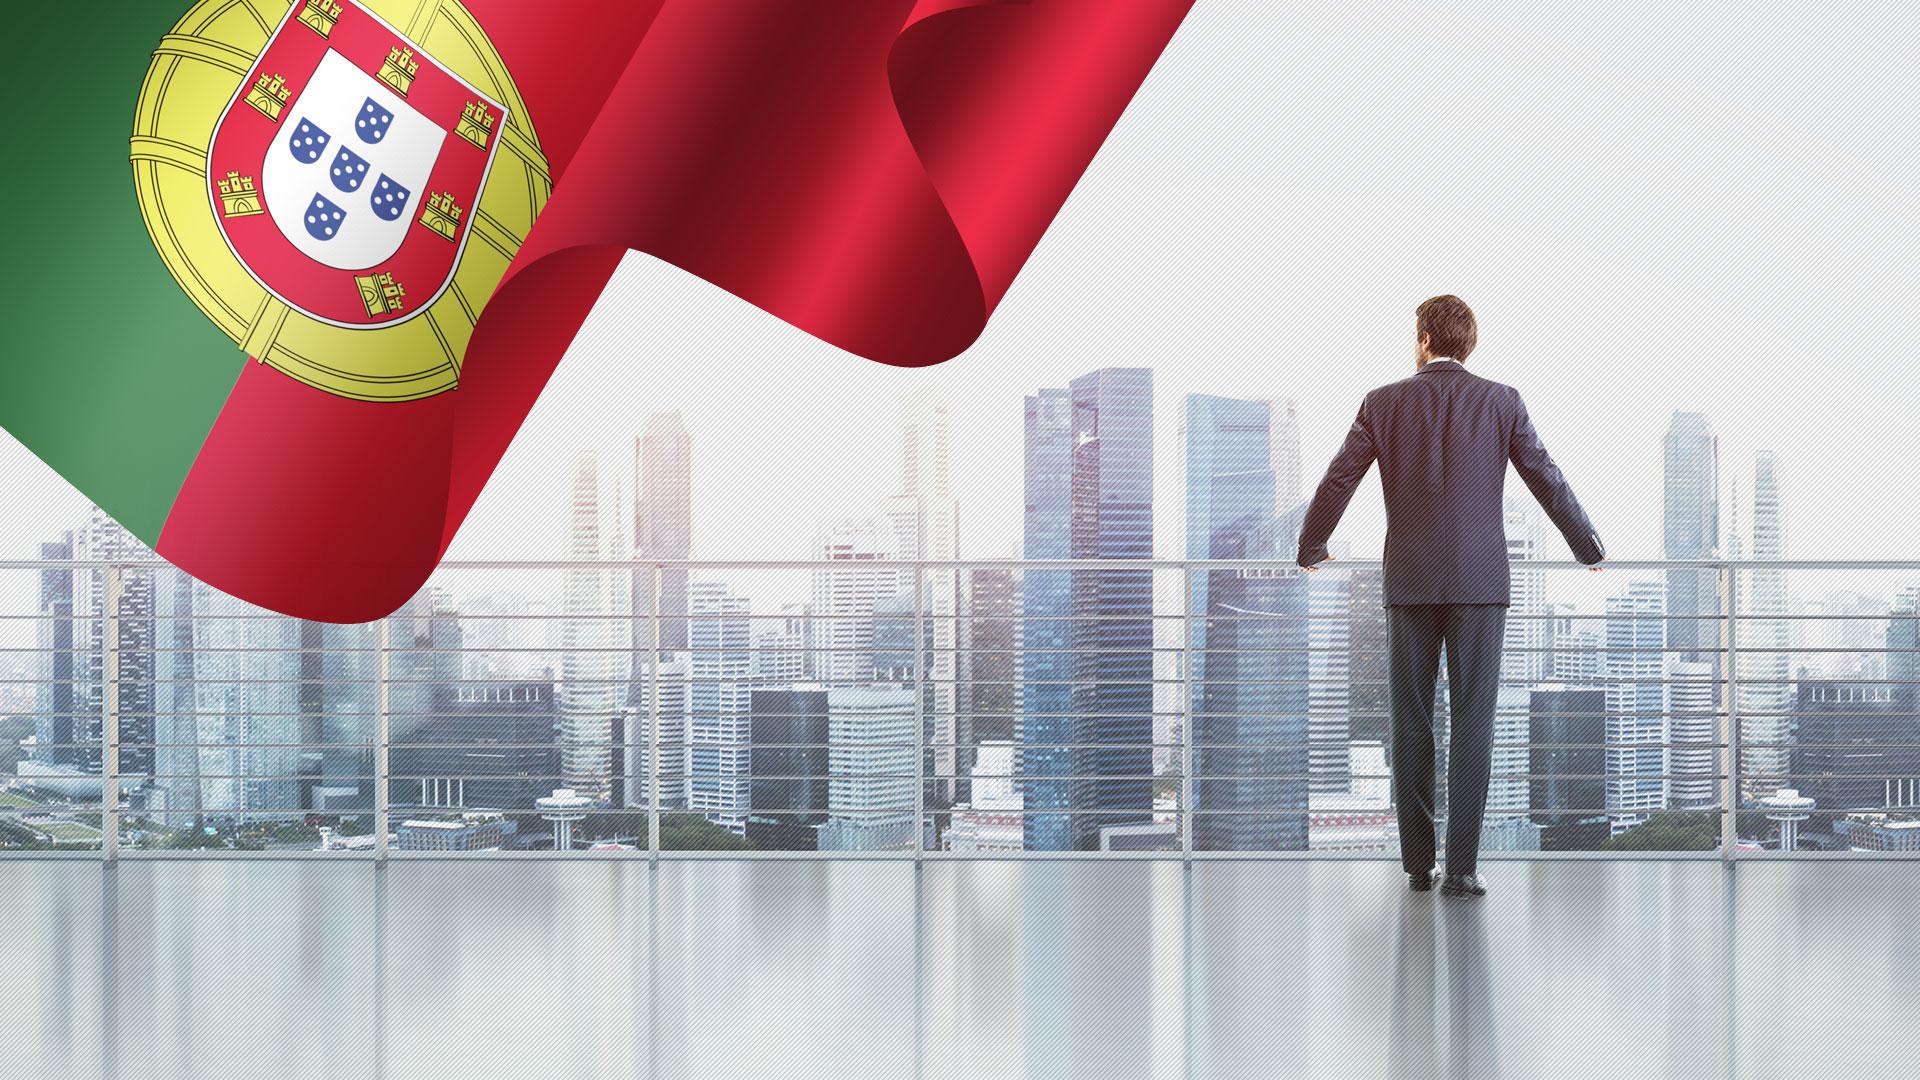 پرچم پرتغال و مدیر شرکت